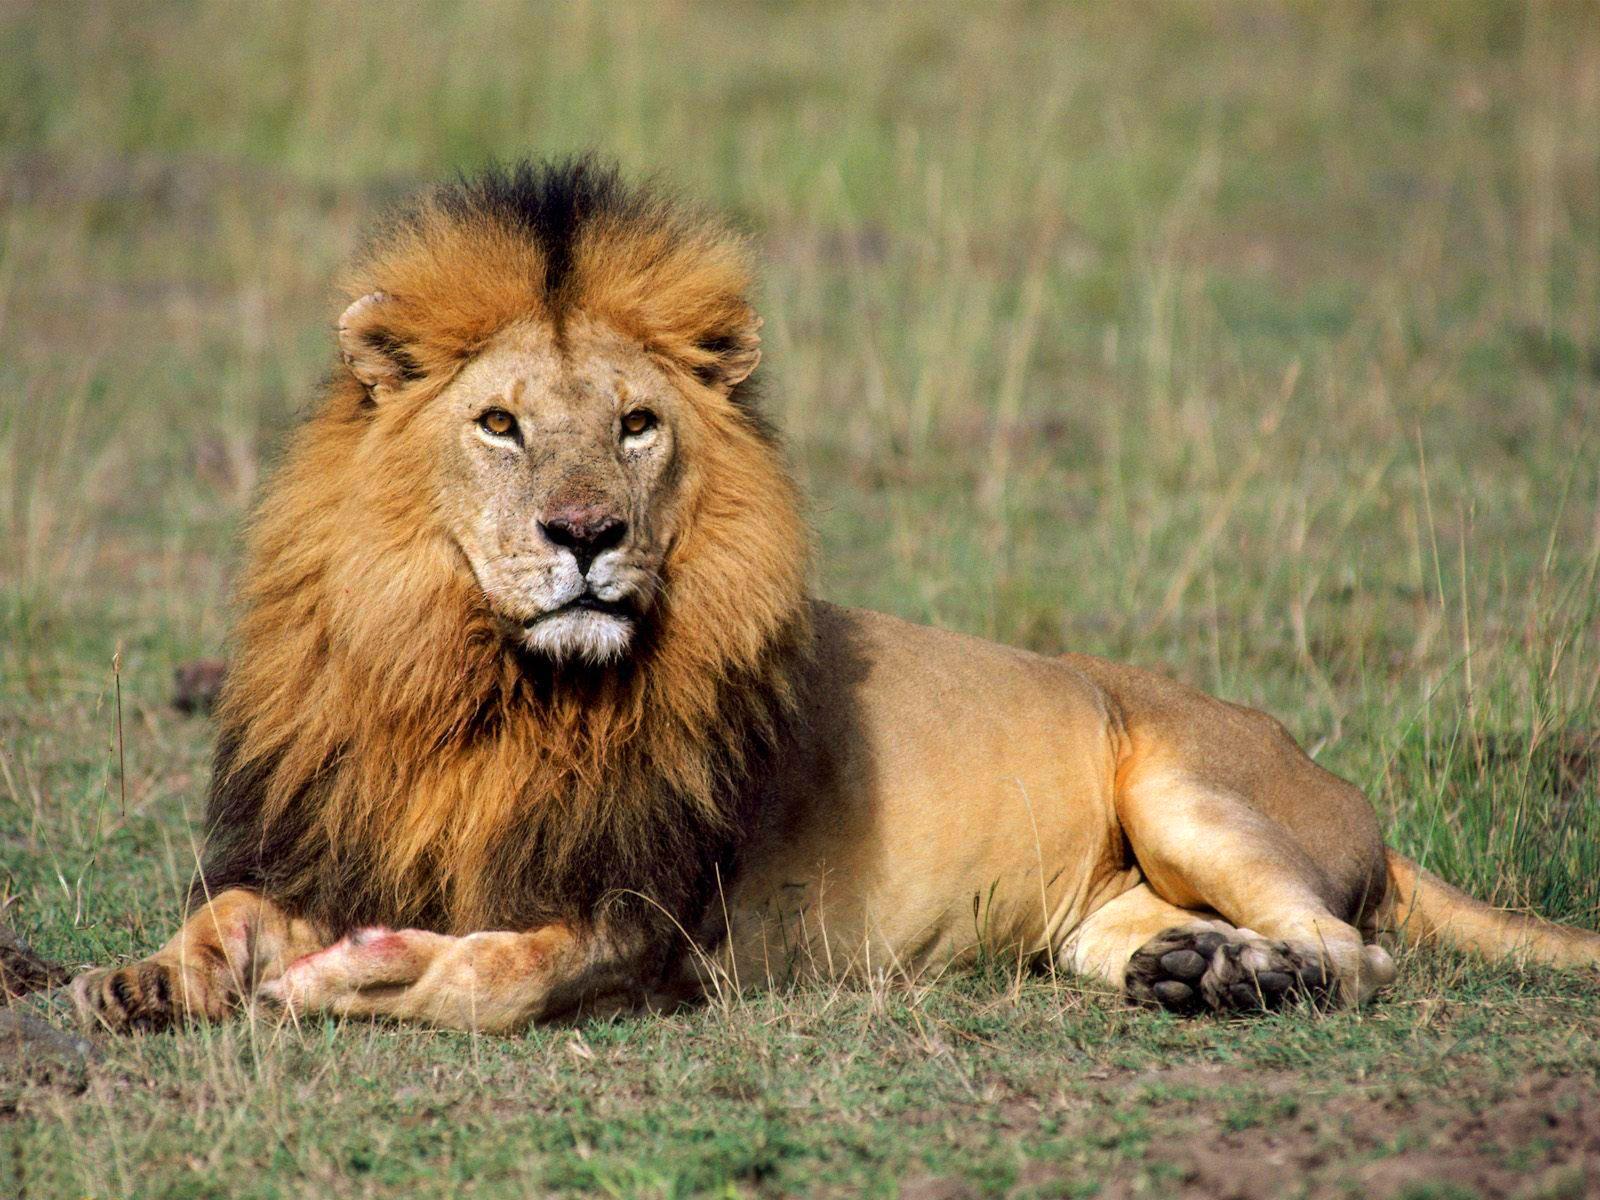 http://4.bp.blogspot.com/-AwZafHo0Ehg/TptW2TWa60I/AAAAAAAAAkk/sWlgu-FL8FE/s1600/Lion%2Bwallpapers%2Bhd.jpeg